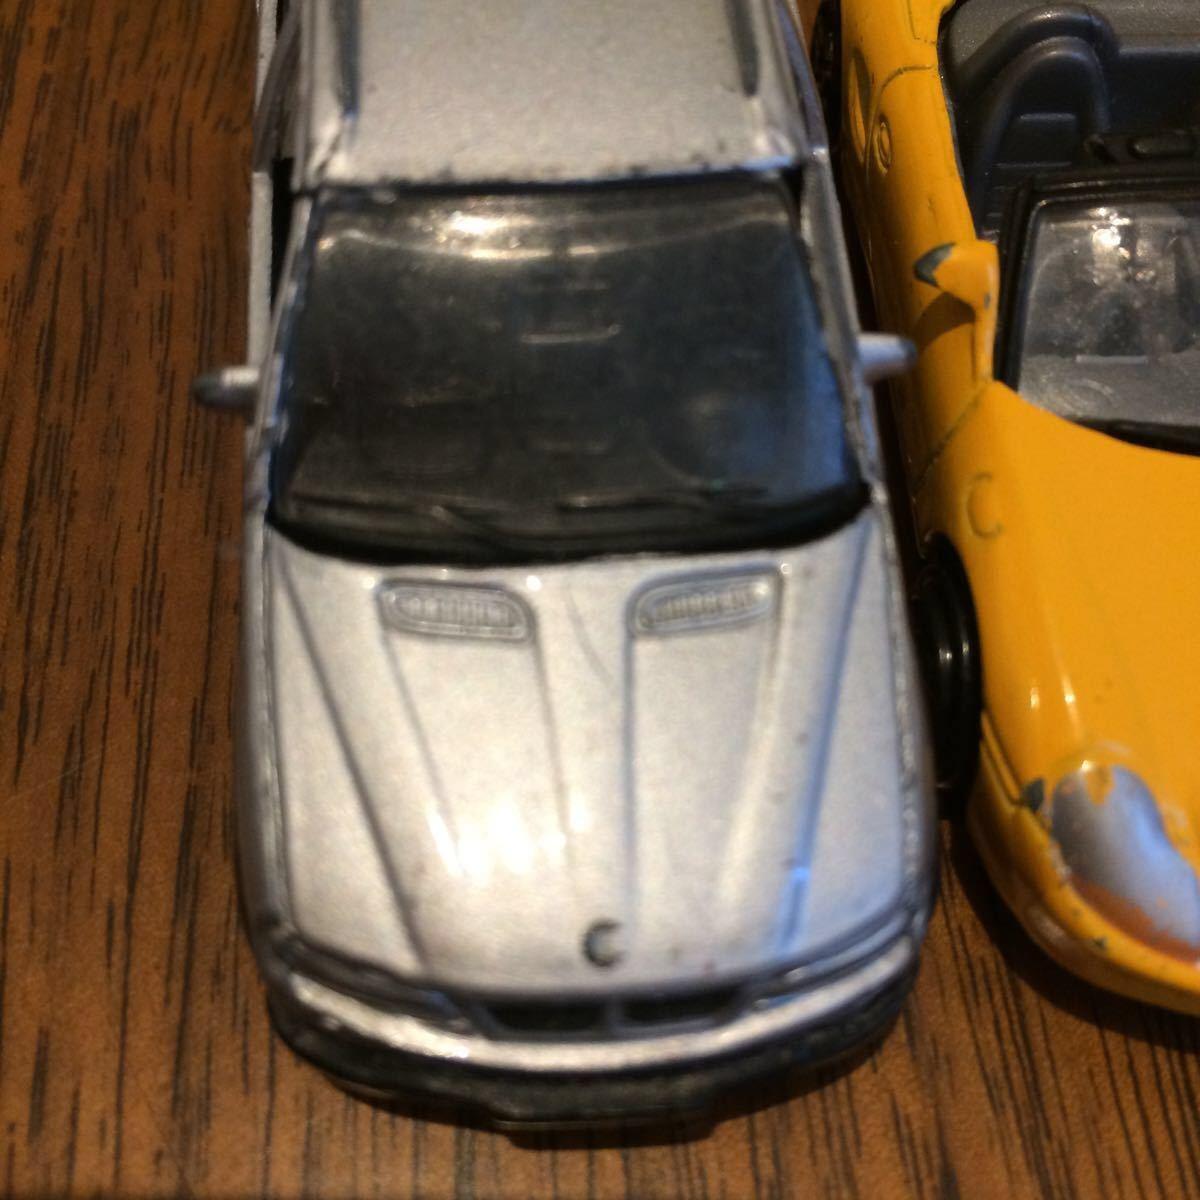 WELLY 2台 ポルシェ BMW とメーカー不明ポルシェ合計3台 ミニカー 中古_画像9